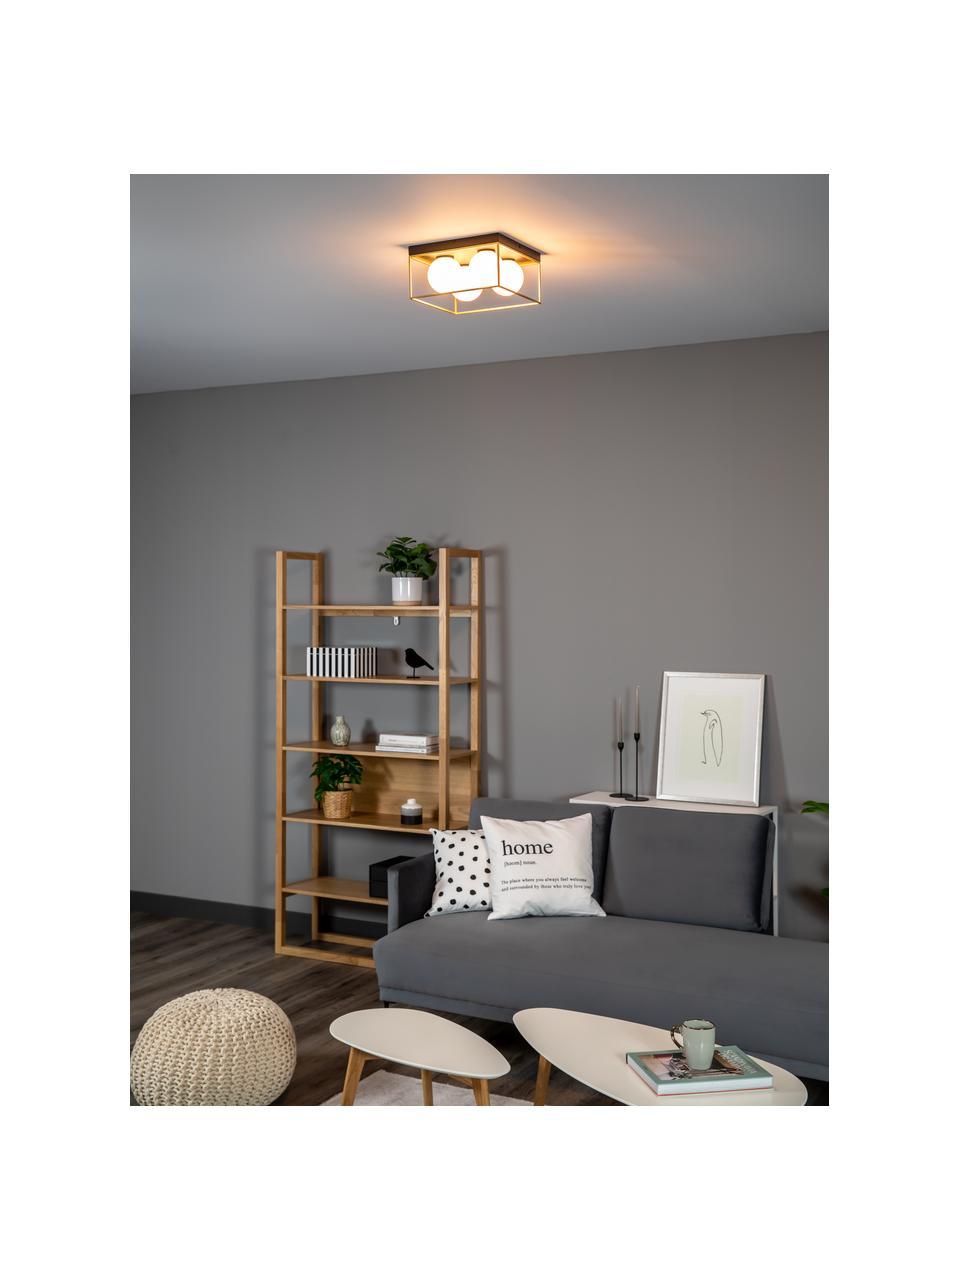 Kleine Deckenleuchte Astro aus Opalglas, Lampenschirm: Opalglas, Baldachin: Metall, beschichtet, Goldfarben, Schwarz, Weiß, 28 x 15 cm